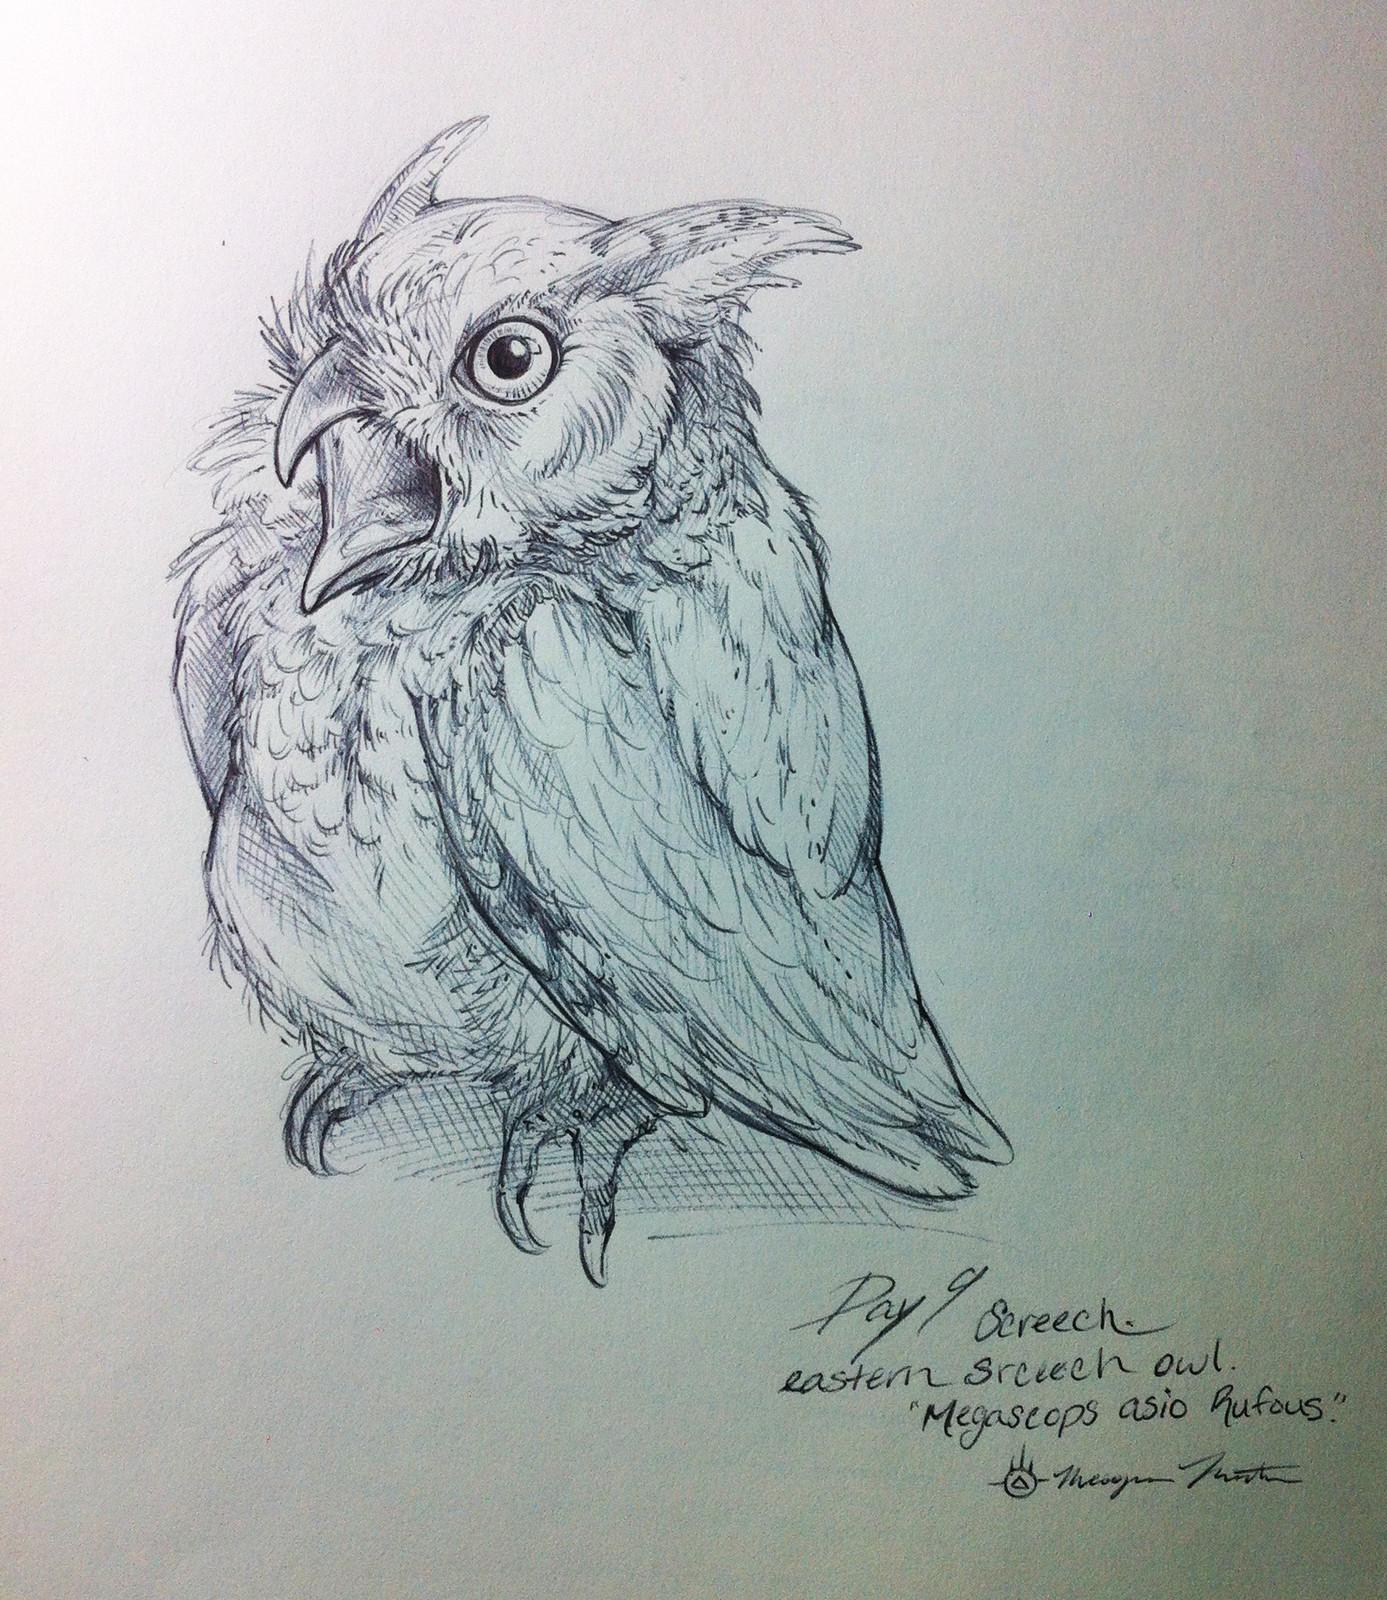 Day 9- Eastern Screech Owl